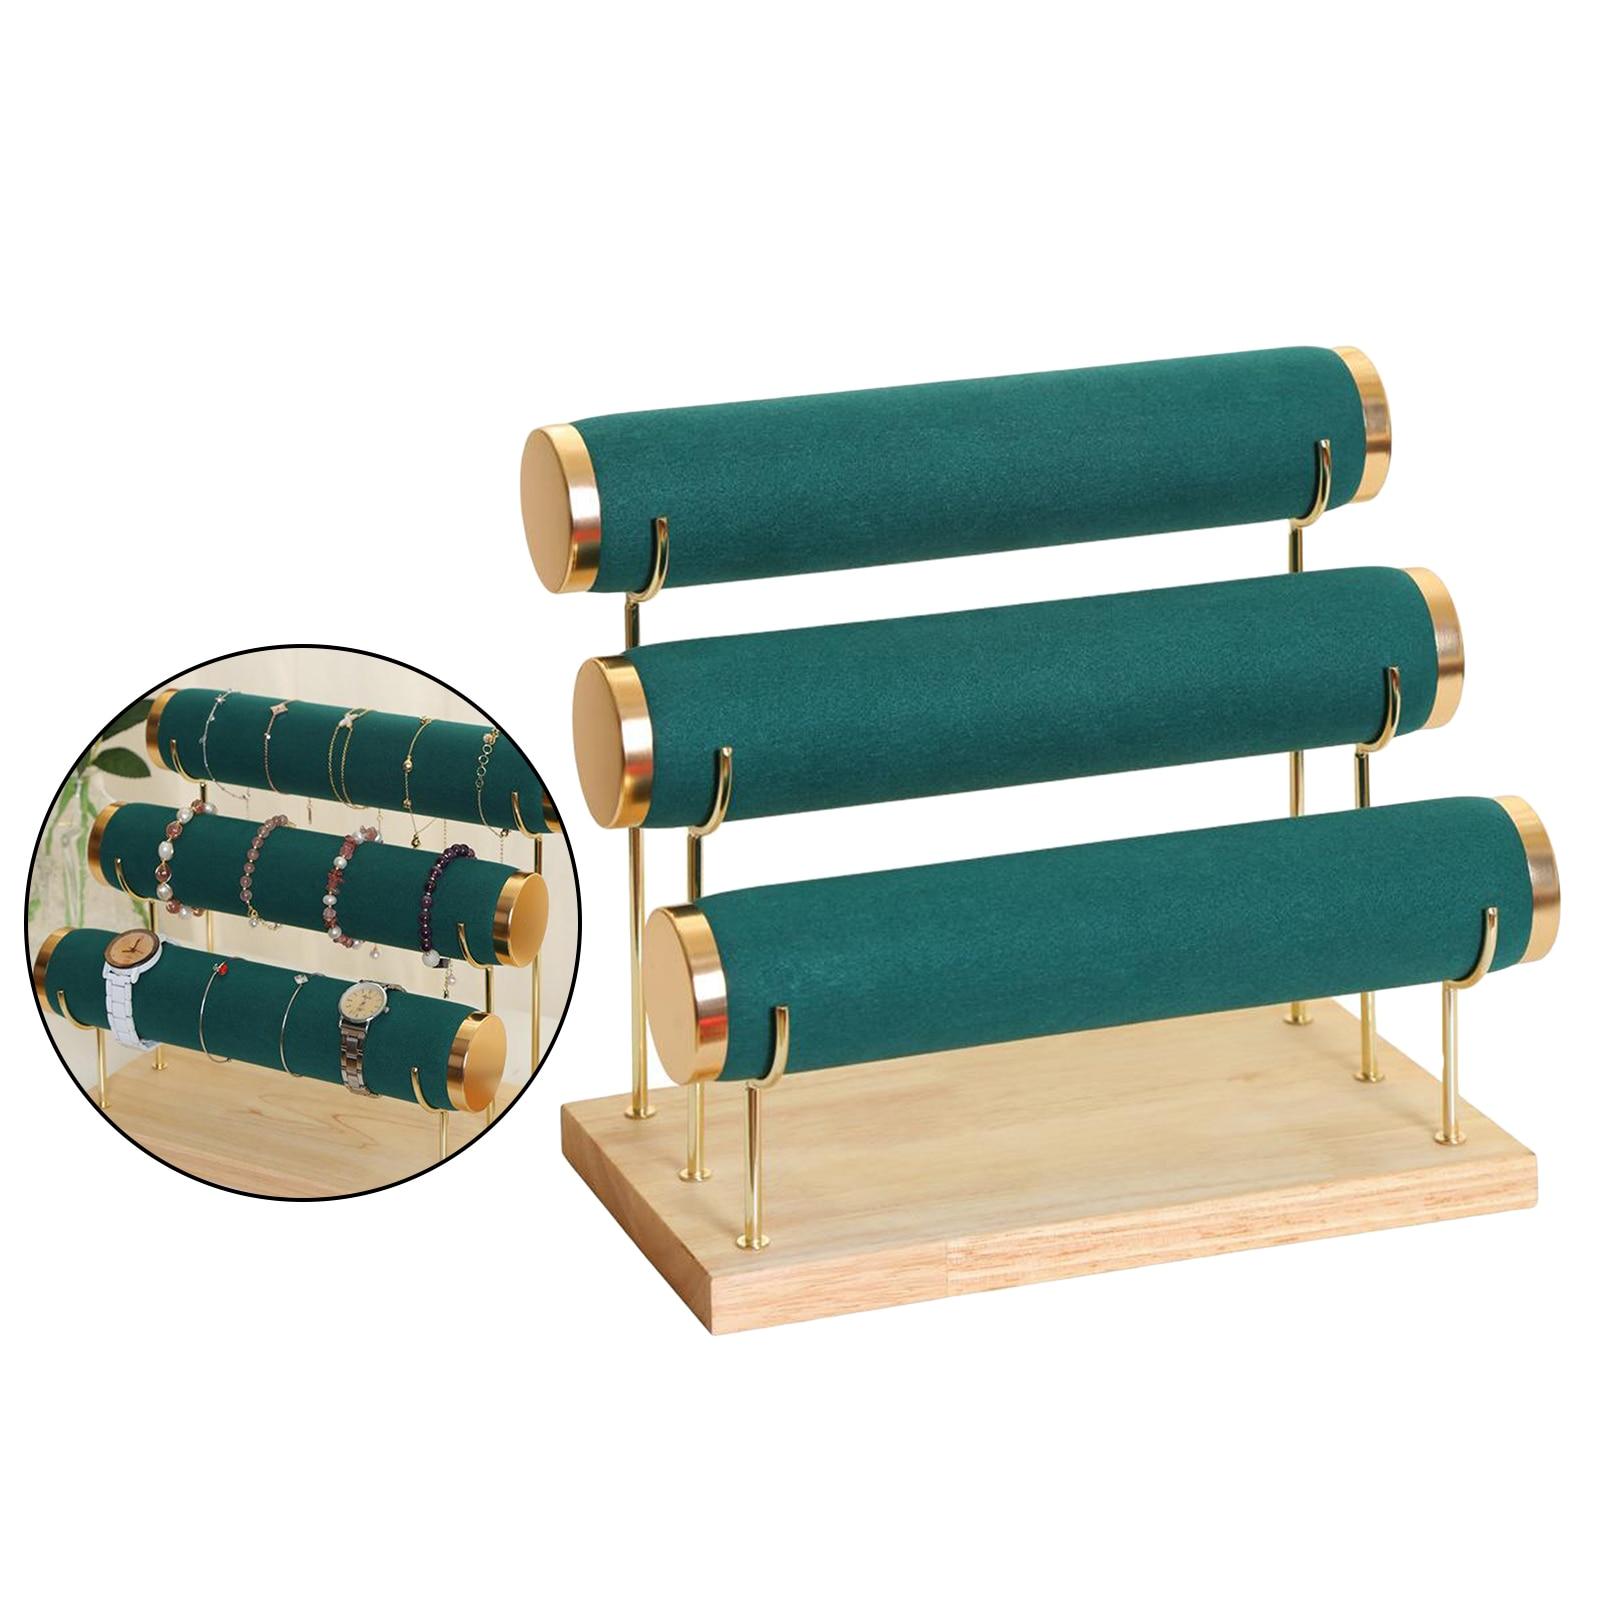 Вельветовая-вешалка-для-браслетов-вешалка-для-украшения-браслетов-ожерелий-органайзер-аксессуары-для-женщин